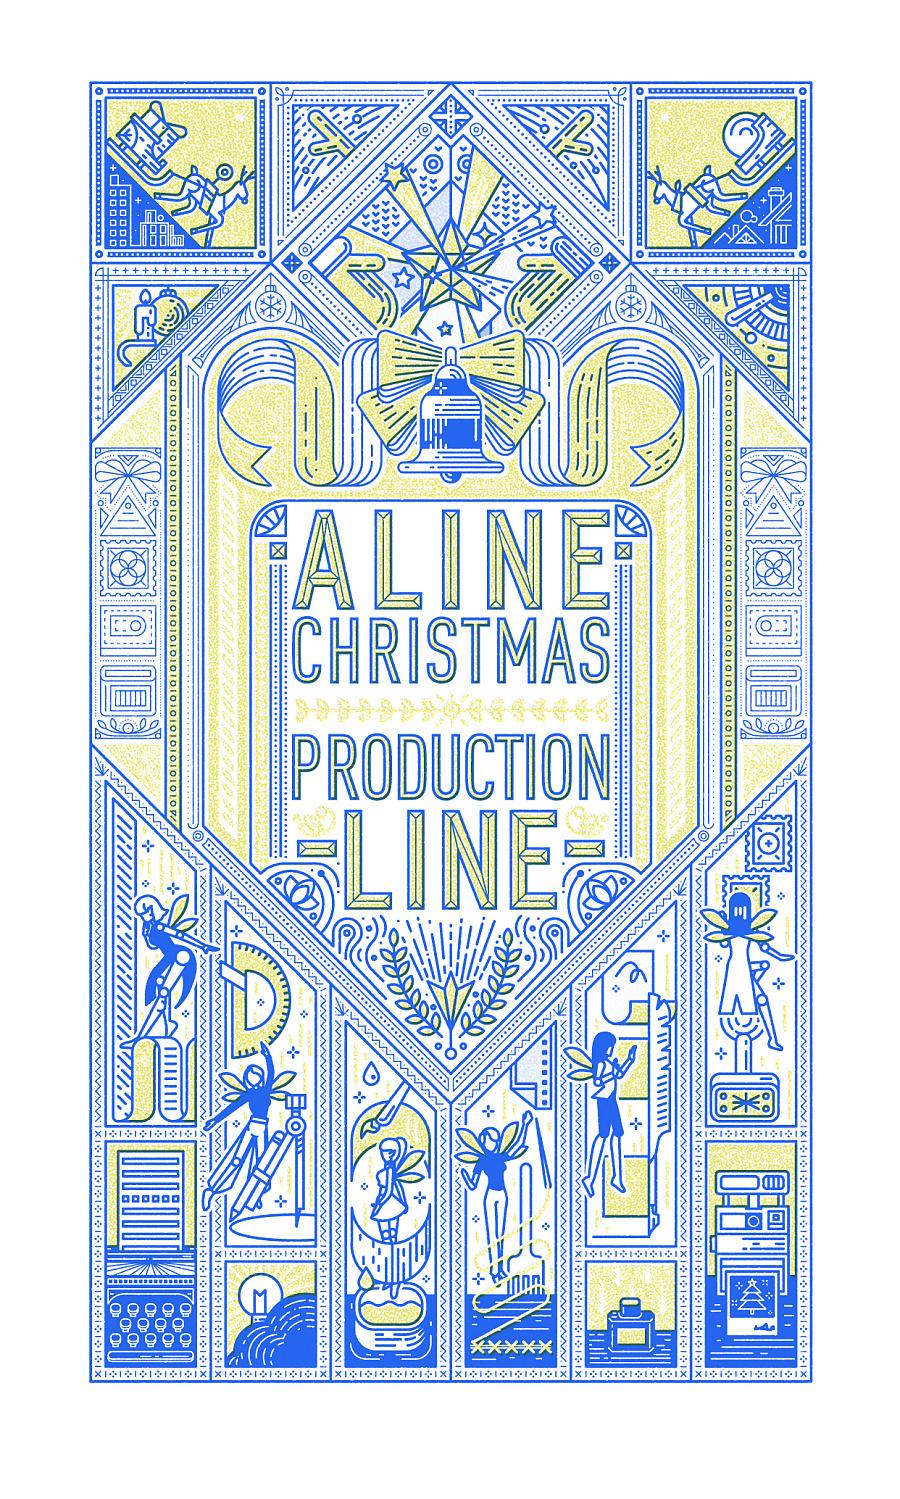 查看《海报练习-|ALINE圣诞星工厂|圣诞快乐》原图,原图尺寸:1242x2068